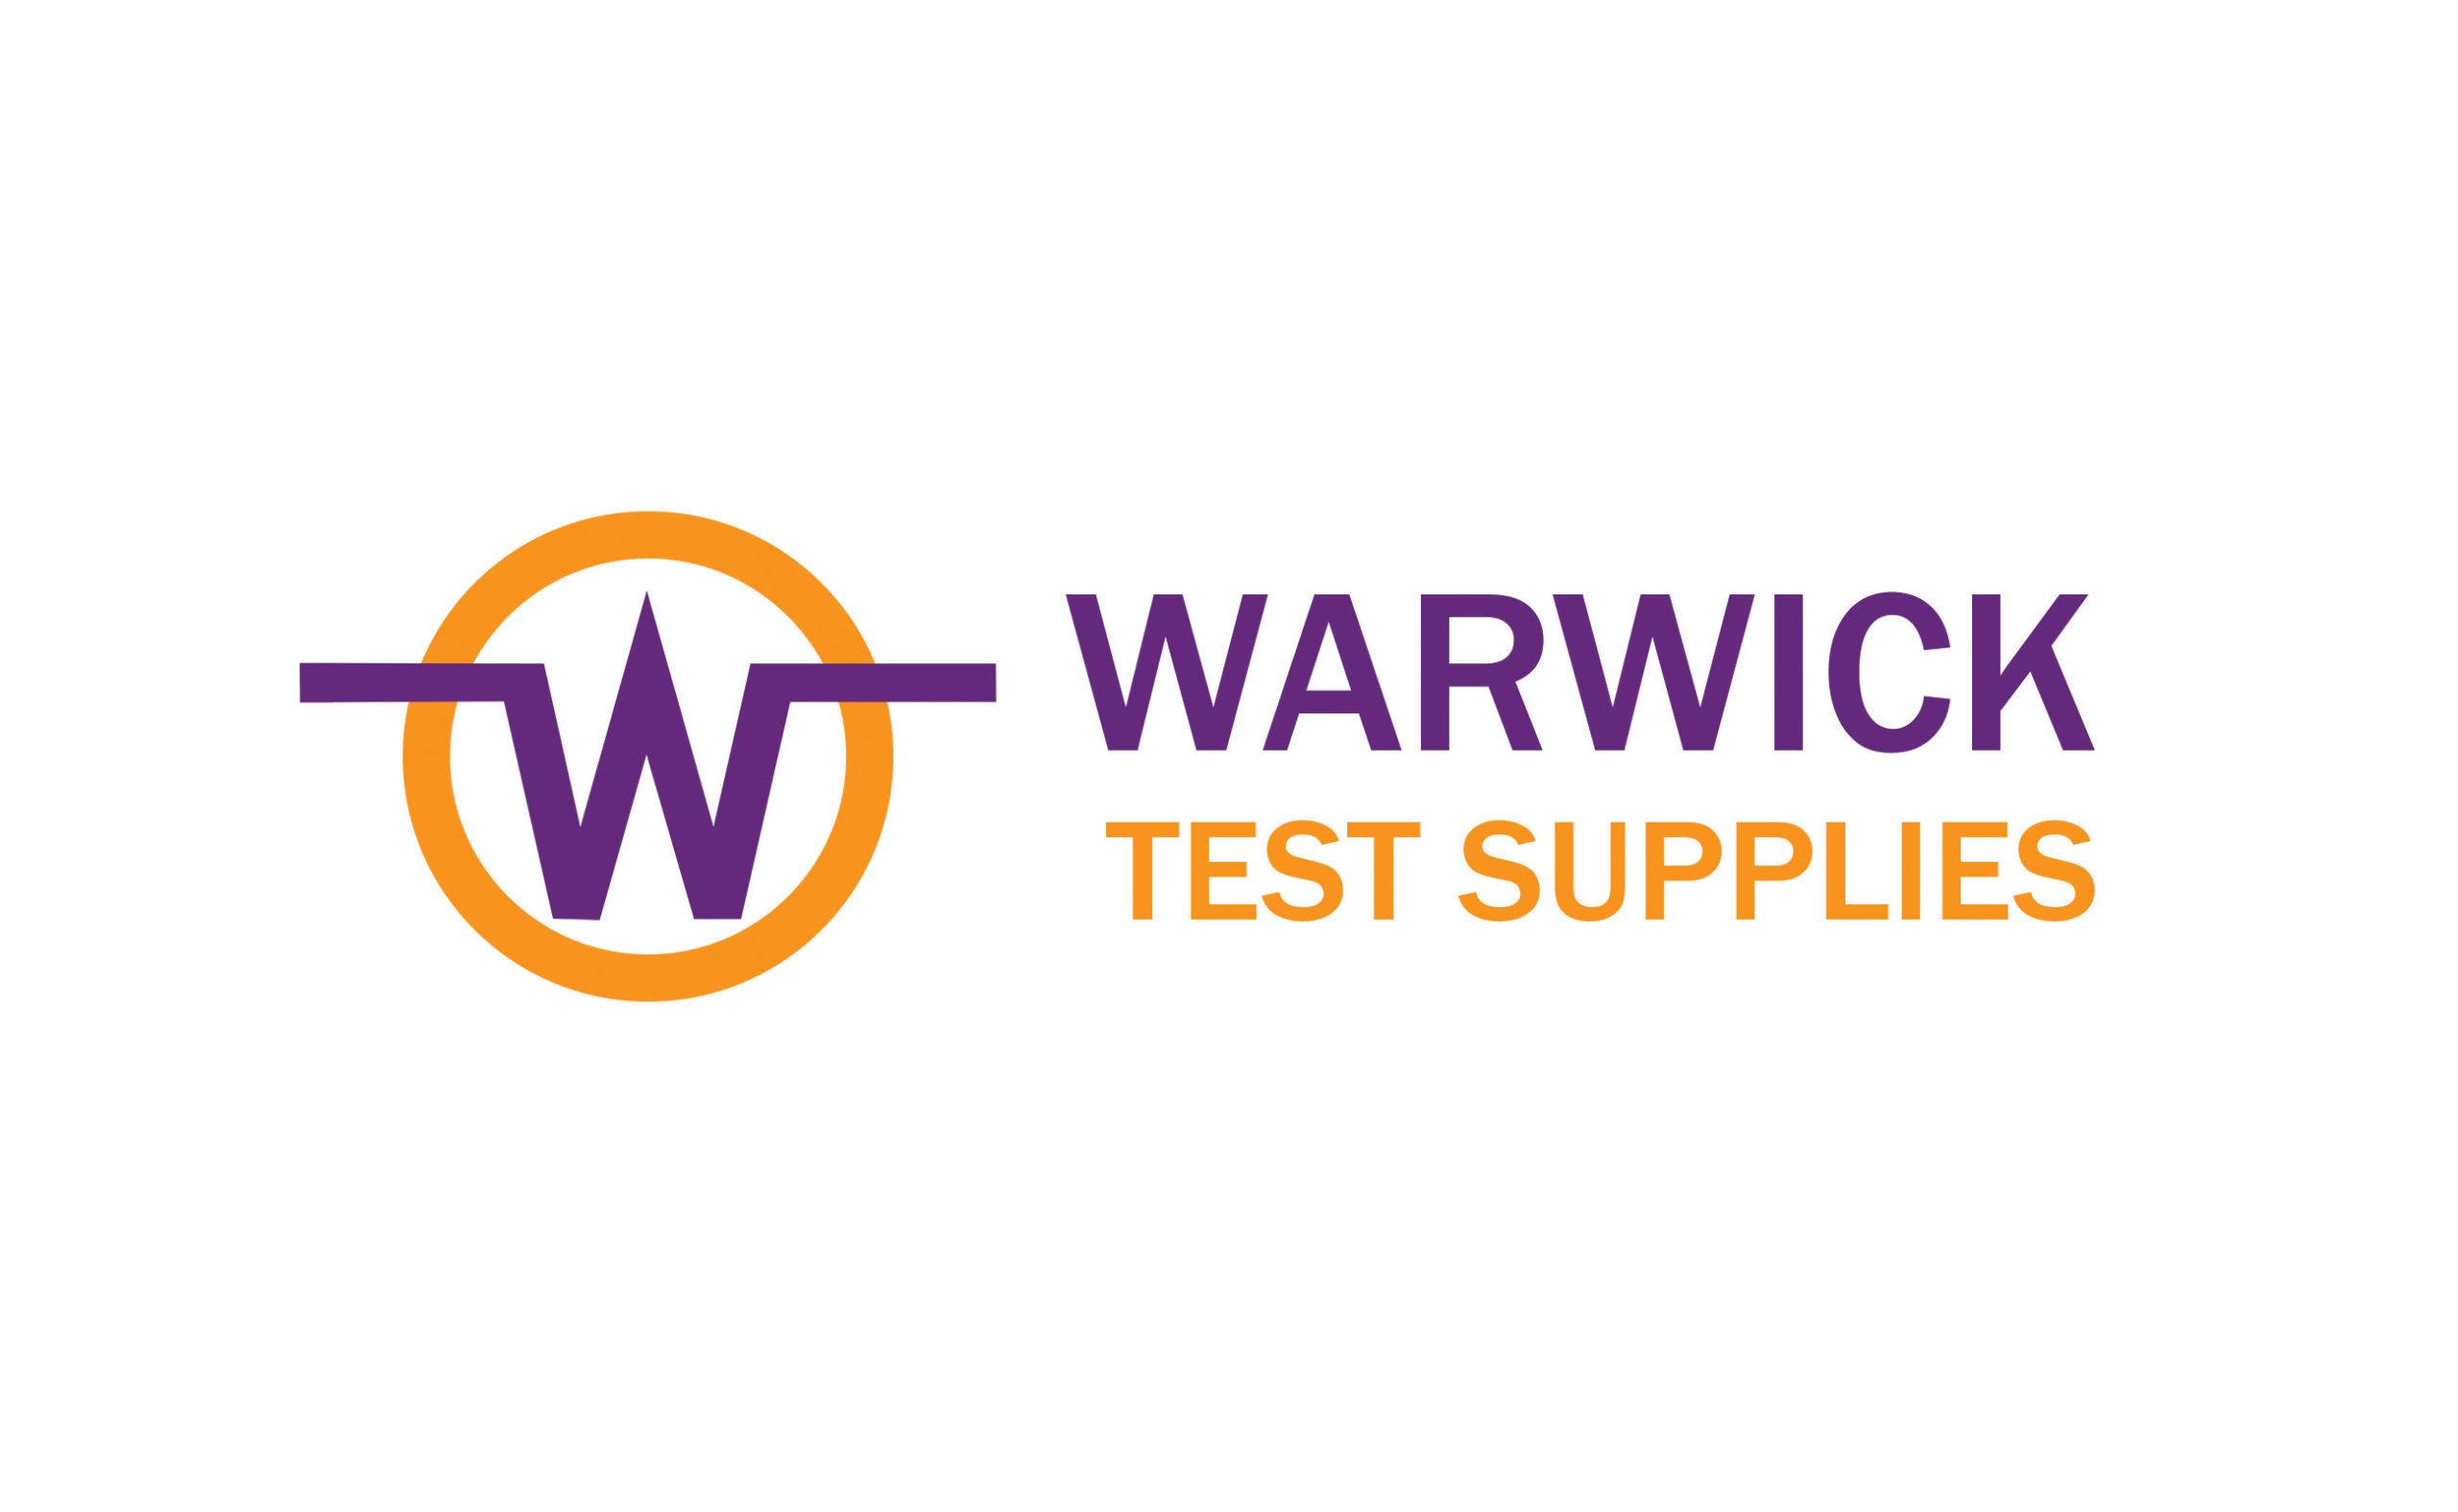 Warwick Test Supplies